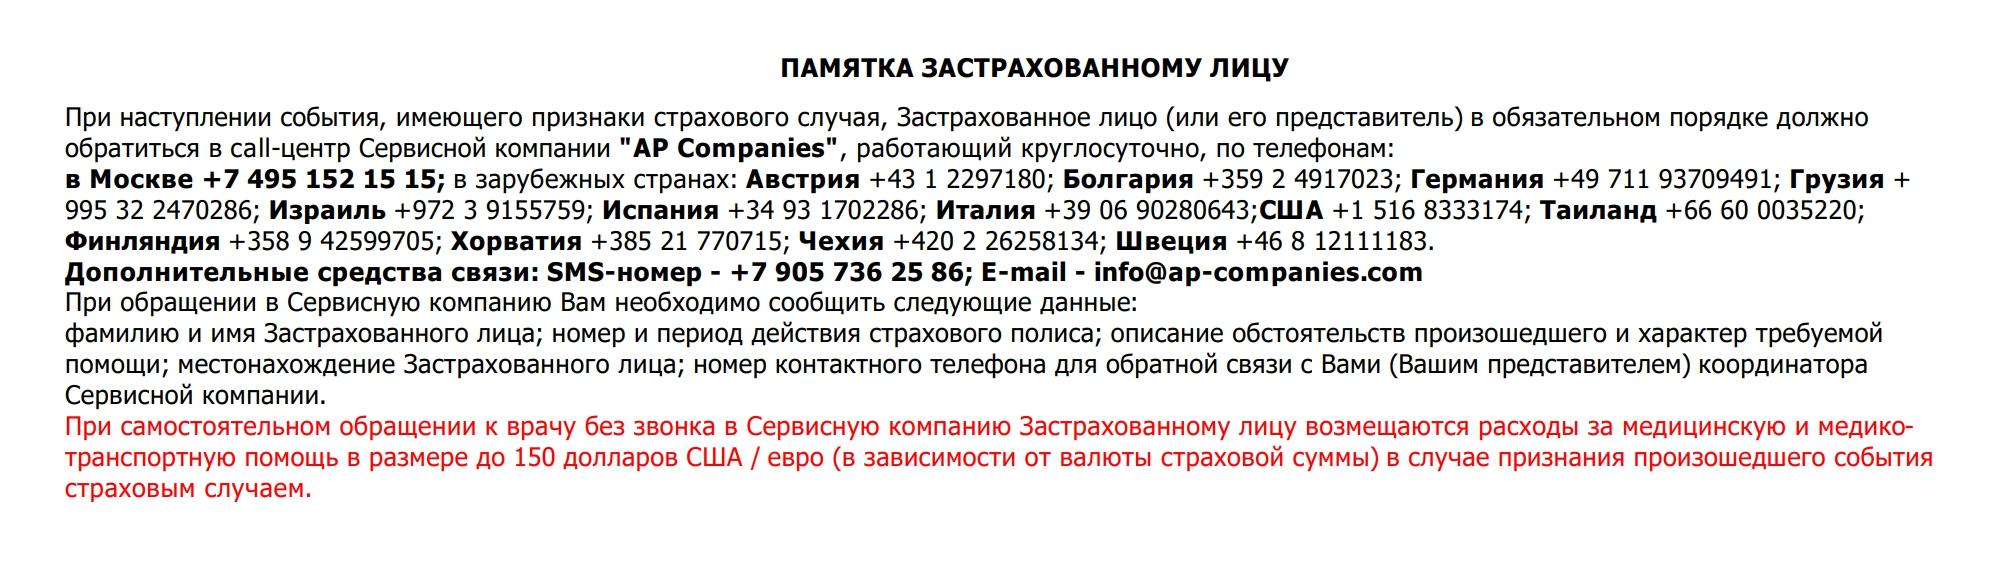 Памятка застрахованному лицу на первой странице полиса. Тут же собраны все телефоны, по которым надо звонить